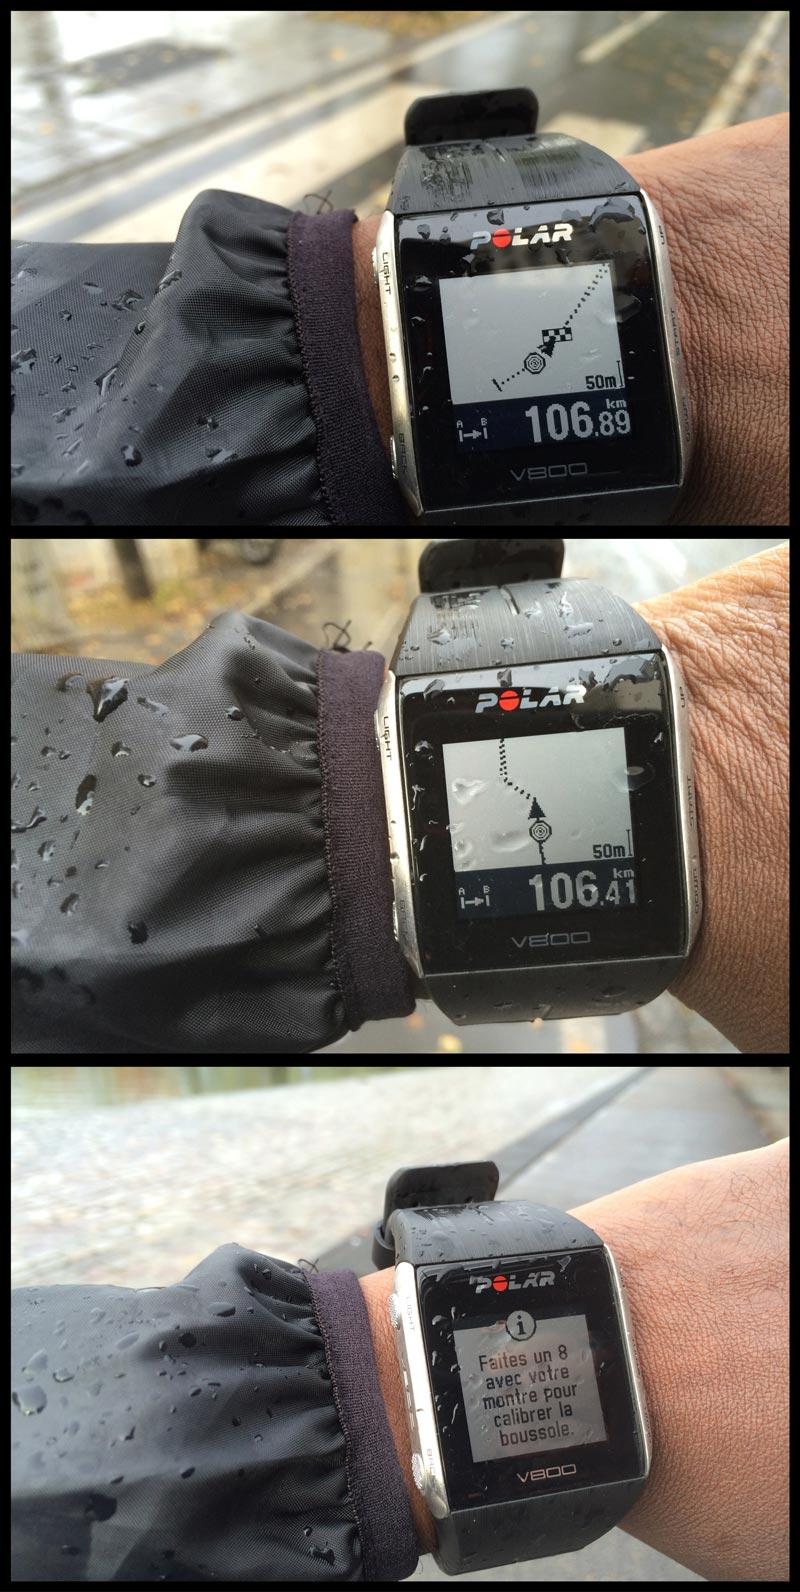 La montre de sport Polar V800 en mode guidage GPS : elle suit ici le tracé d'un parcours importé, Ph. Moctar KANE.